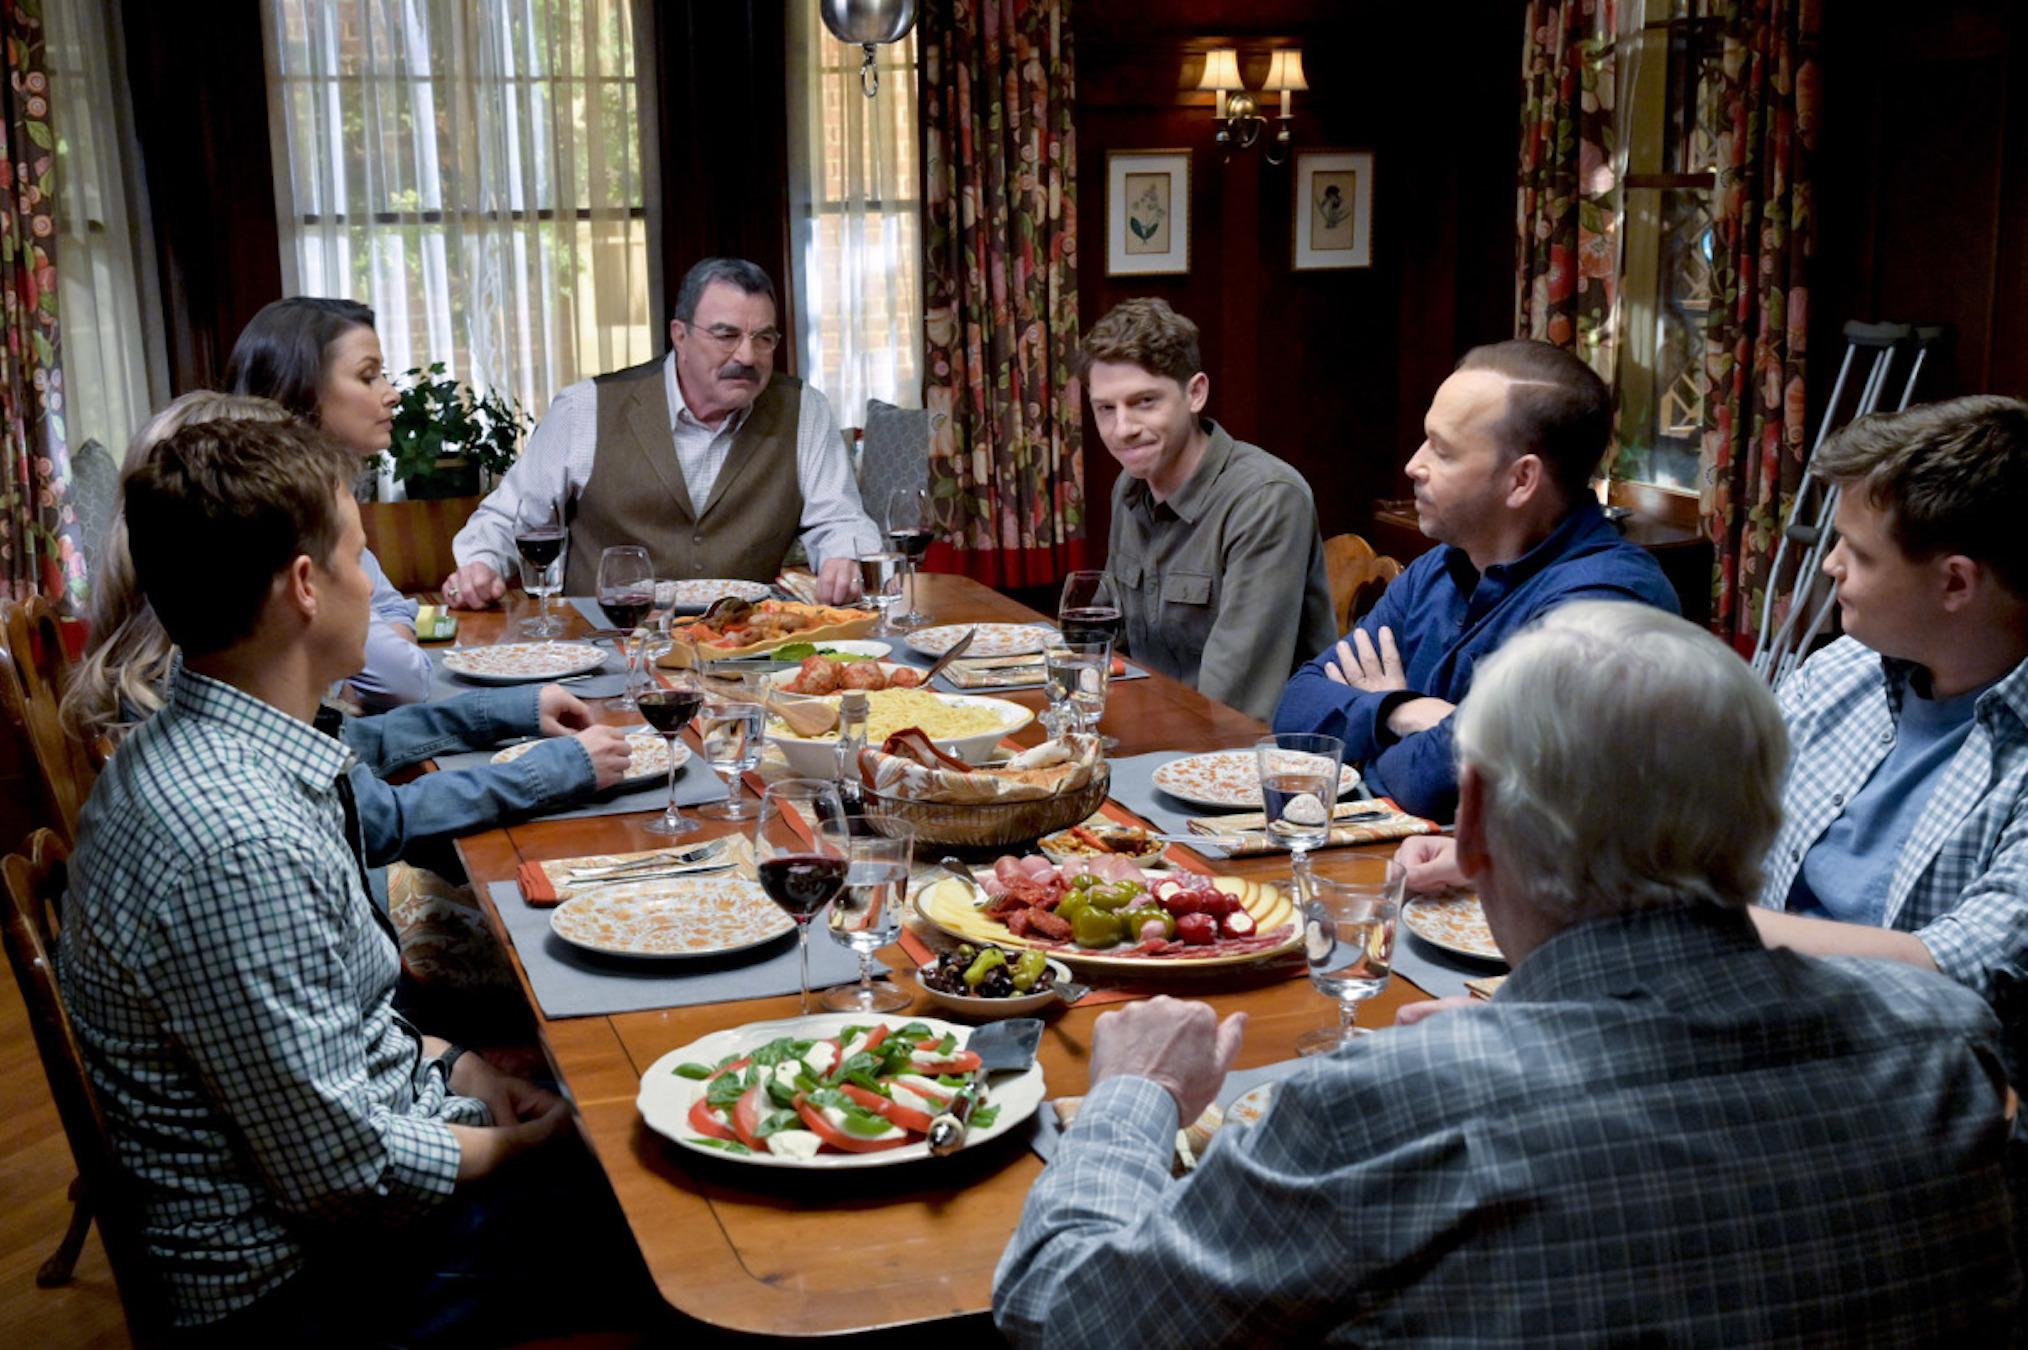 'Blue Bloods' Season 11 Reagan Family Dinner